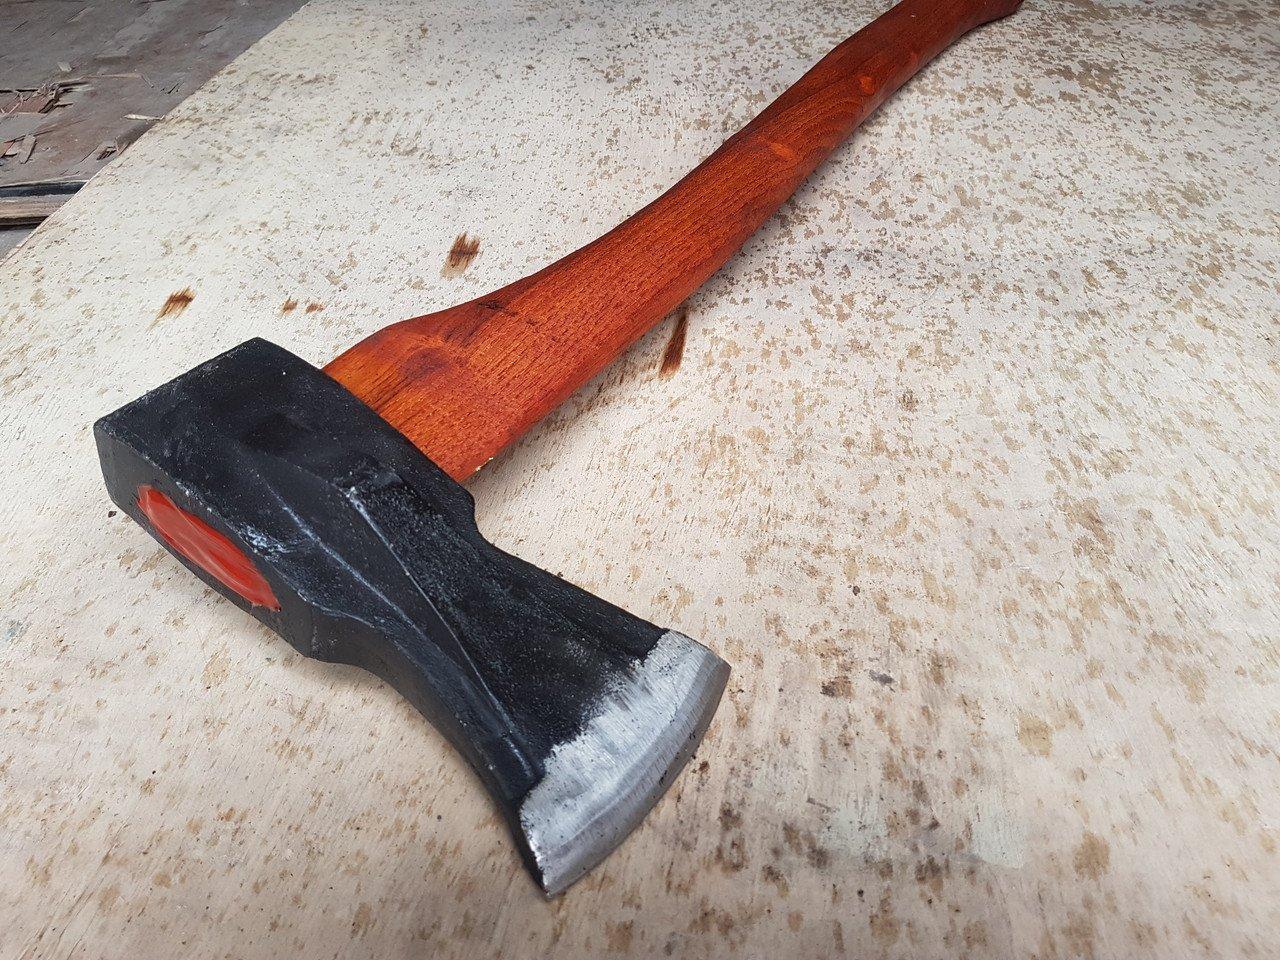 Керченська трагедія могла повторится: підліток прийшов у школу з сокирою та ножем